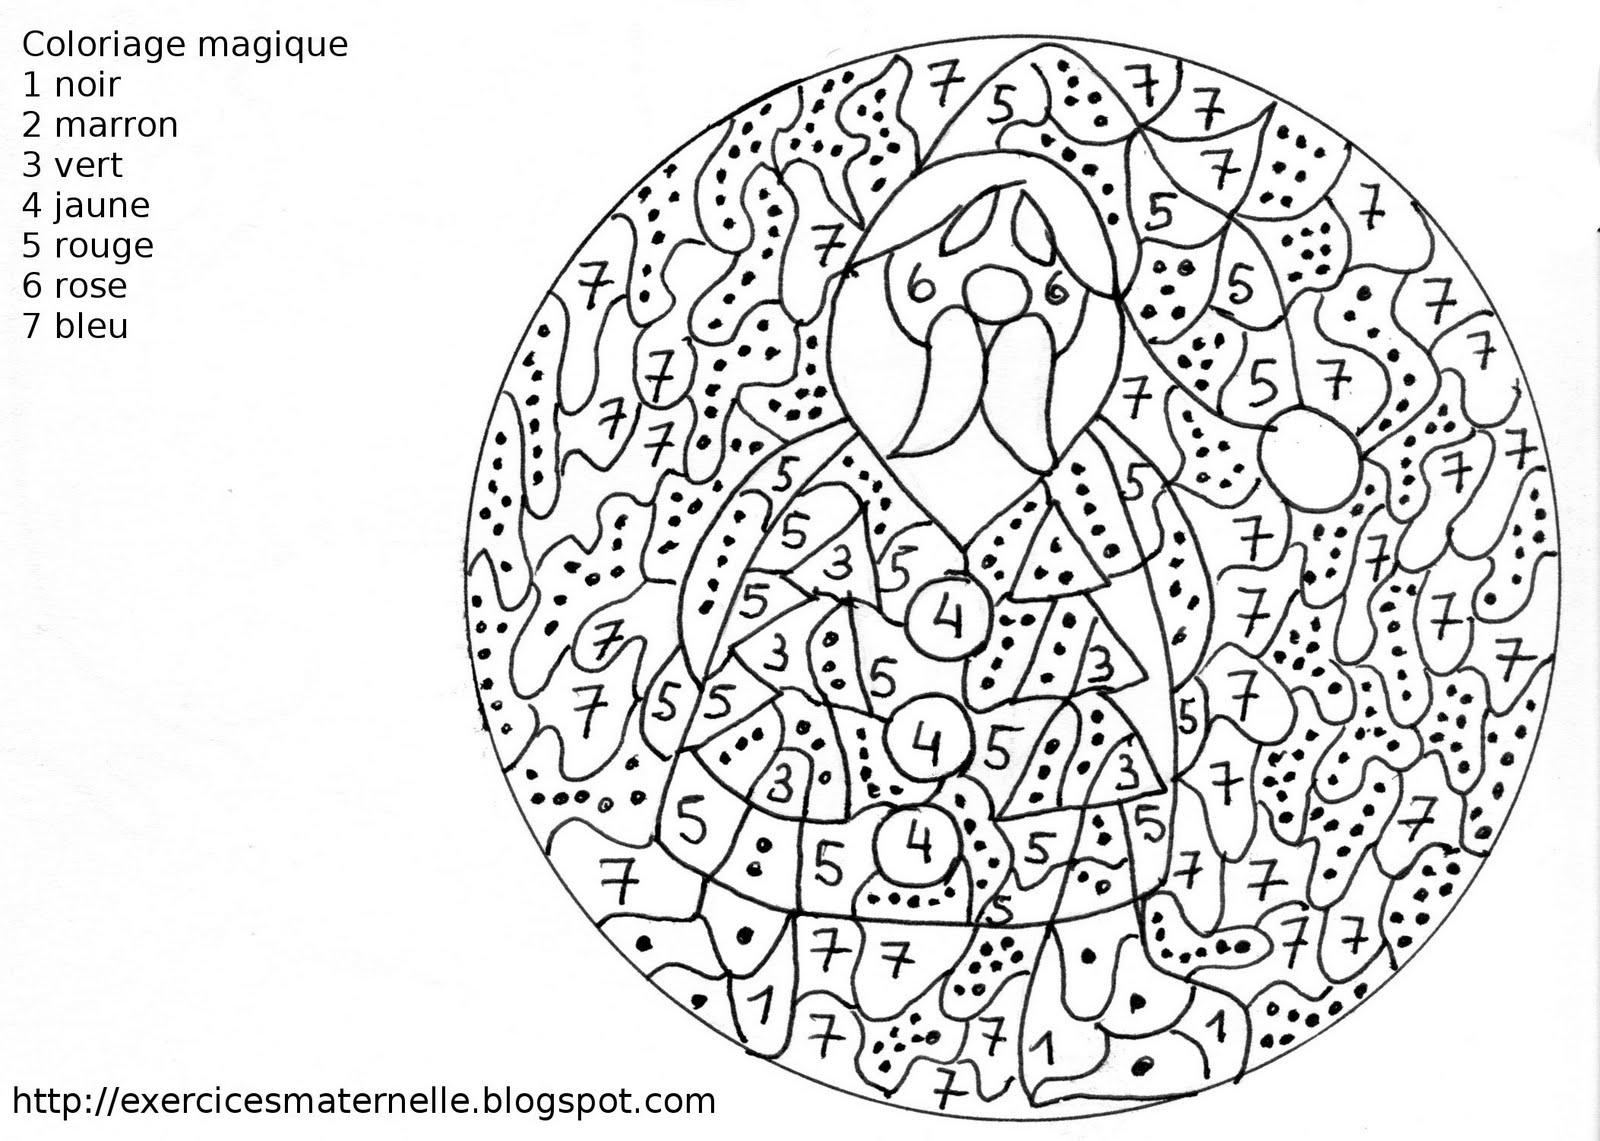 Maternelle coloriage magique le p re no l - Coloriage magique de noel a imprimer ...